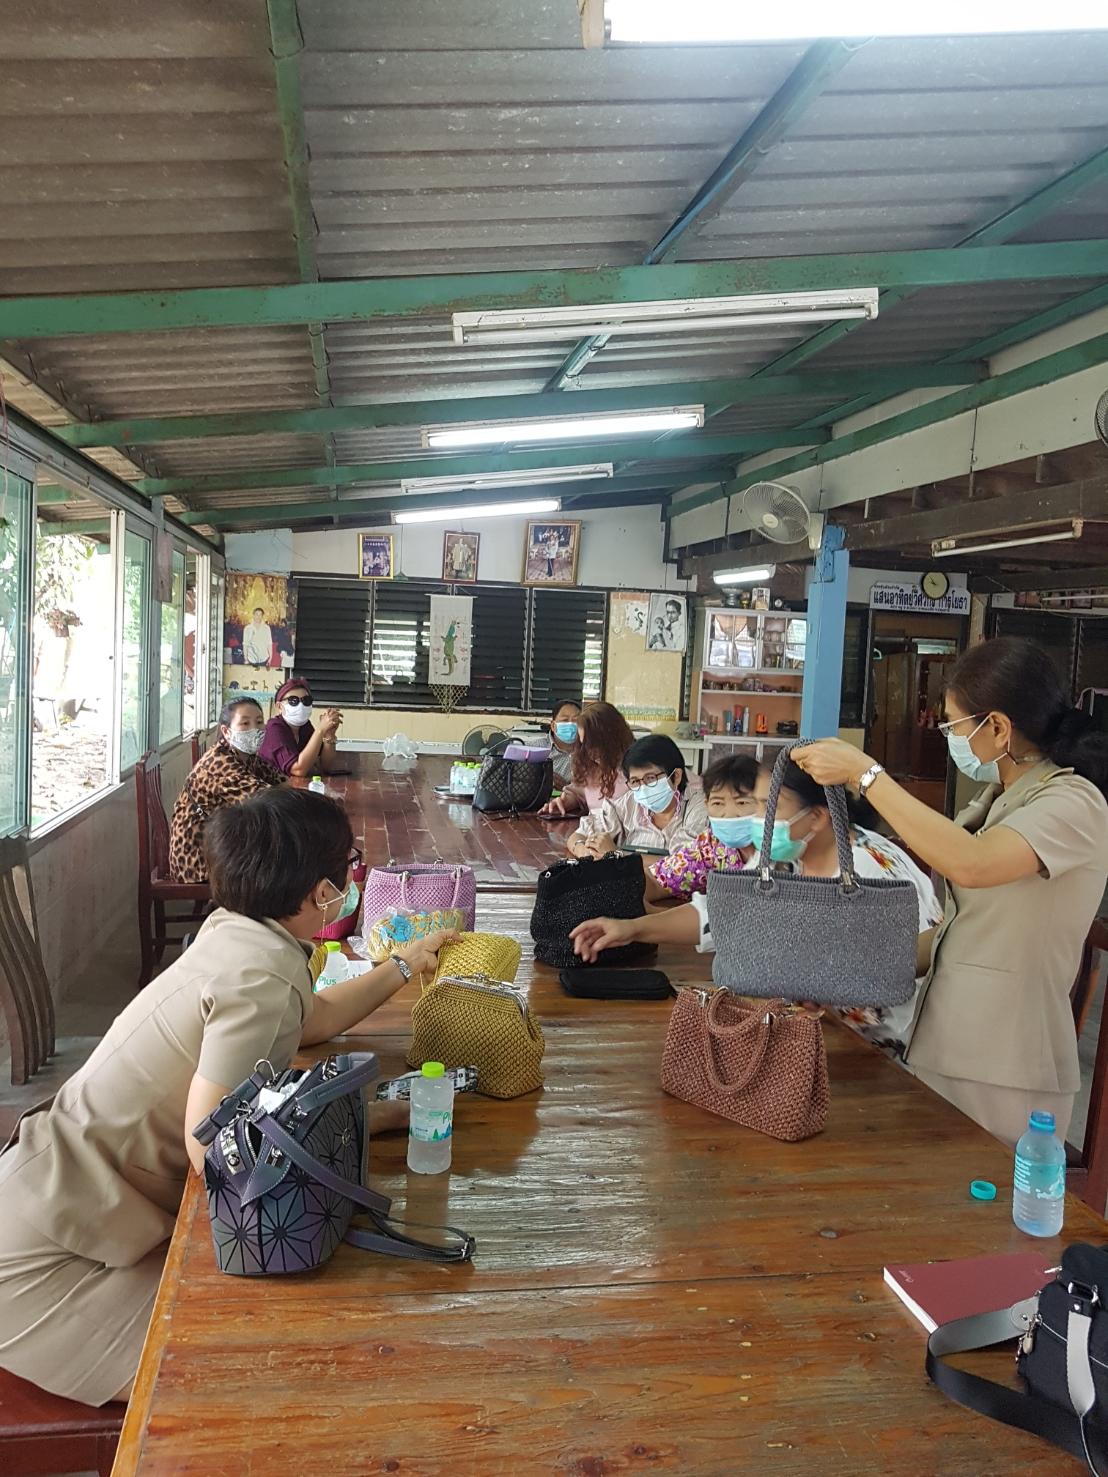 เปิดโอกาสแลกเปลี่ยนความคิดเห็นในการฝึกอาชีพการทำกระเป๋าเชือกถักของกลุ่มแม่บ้าน คลอง 9